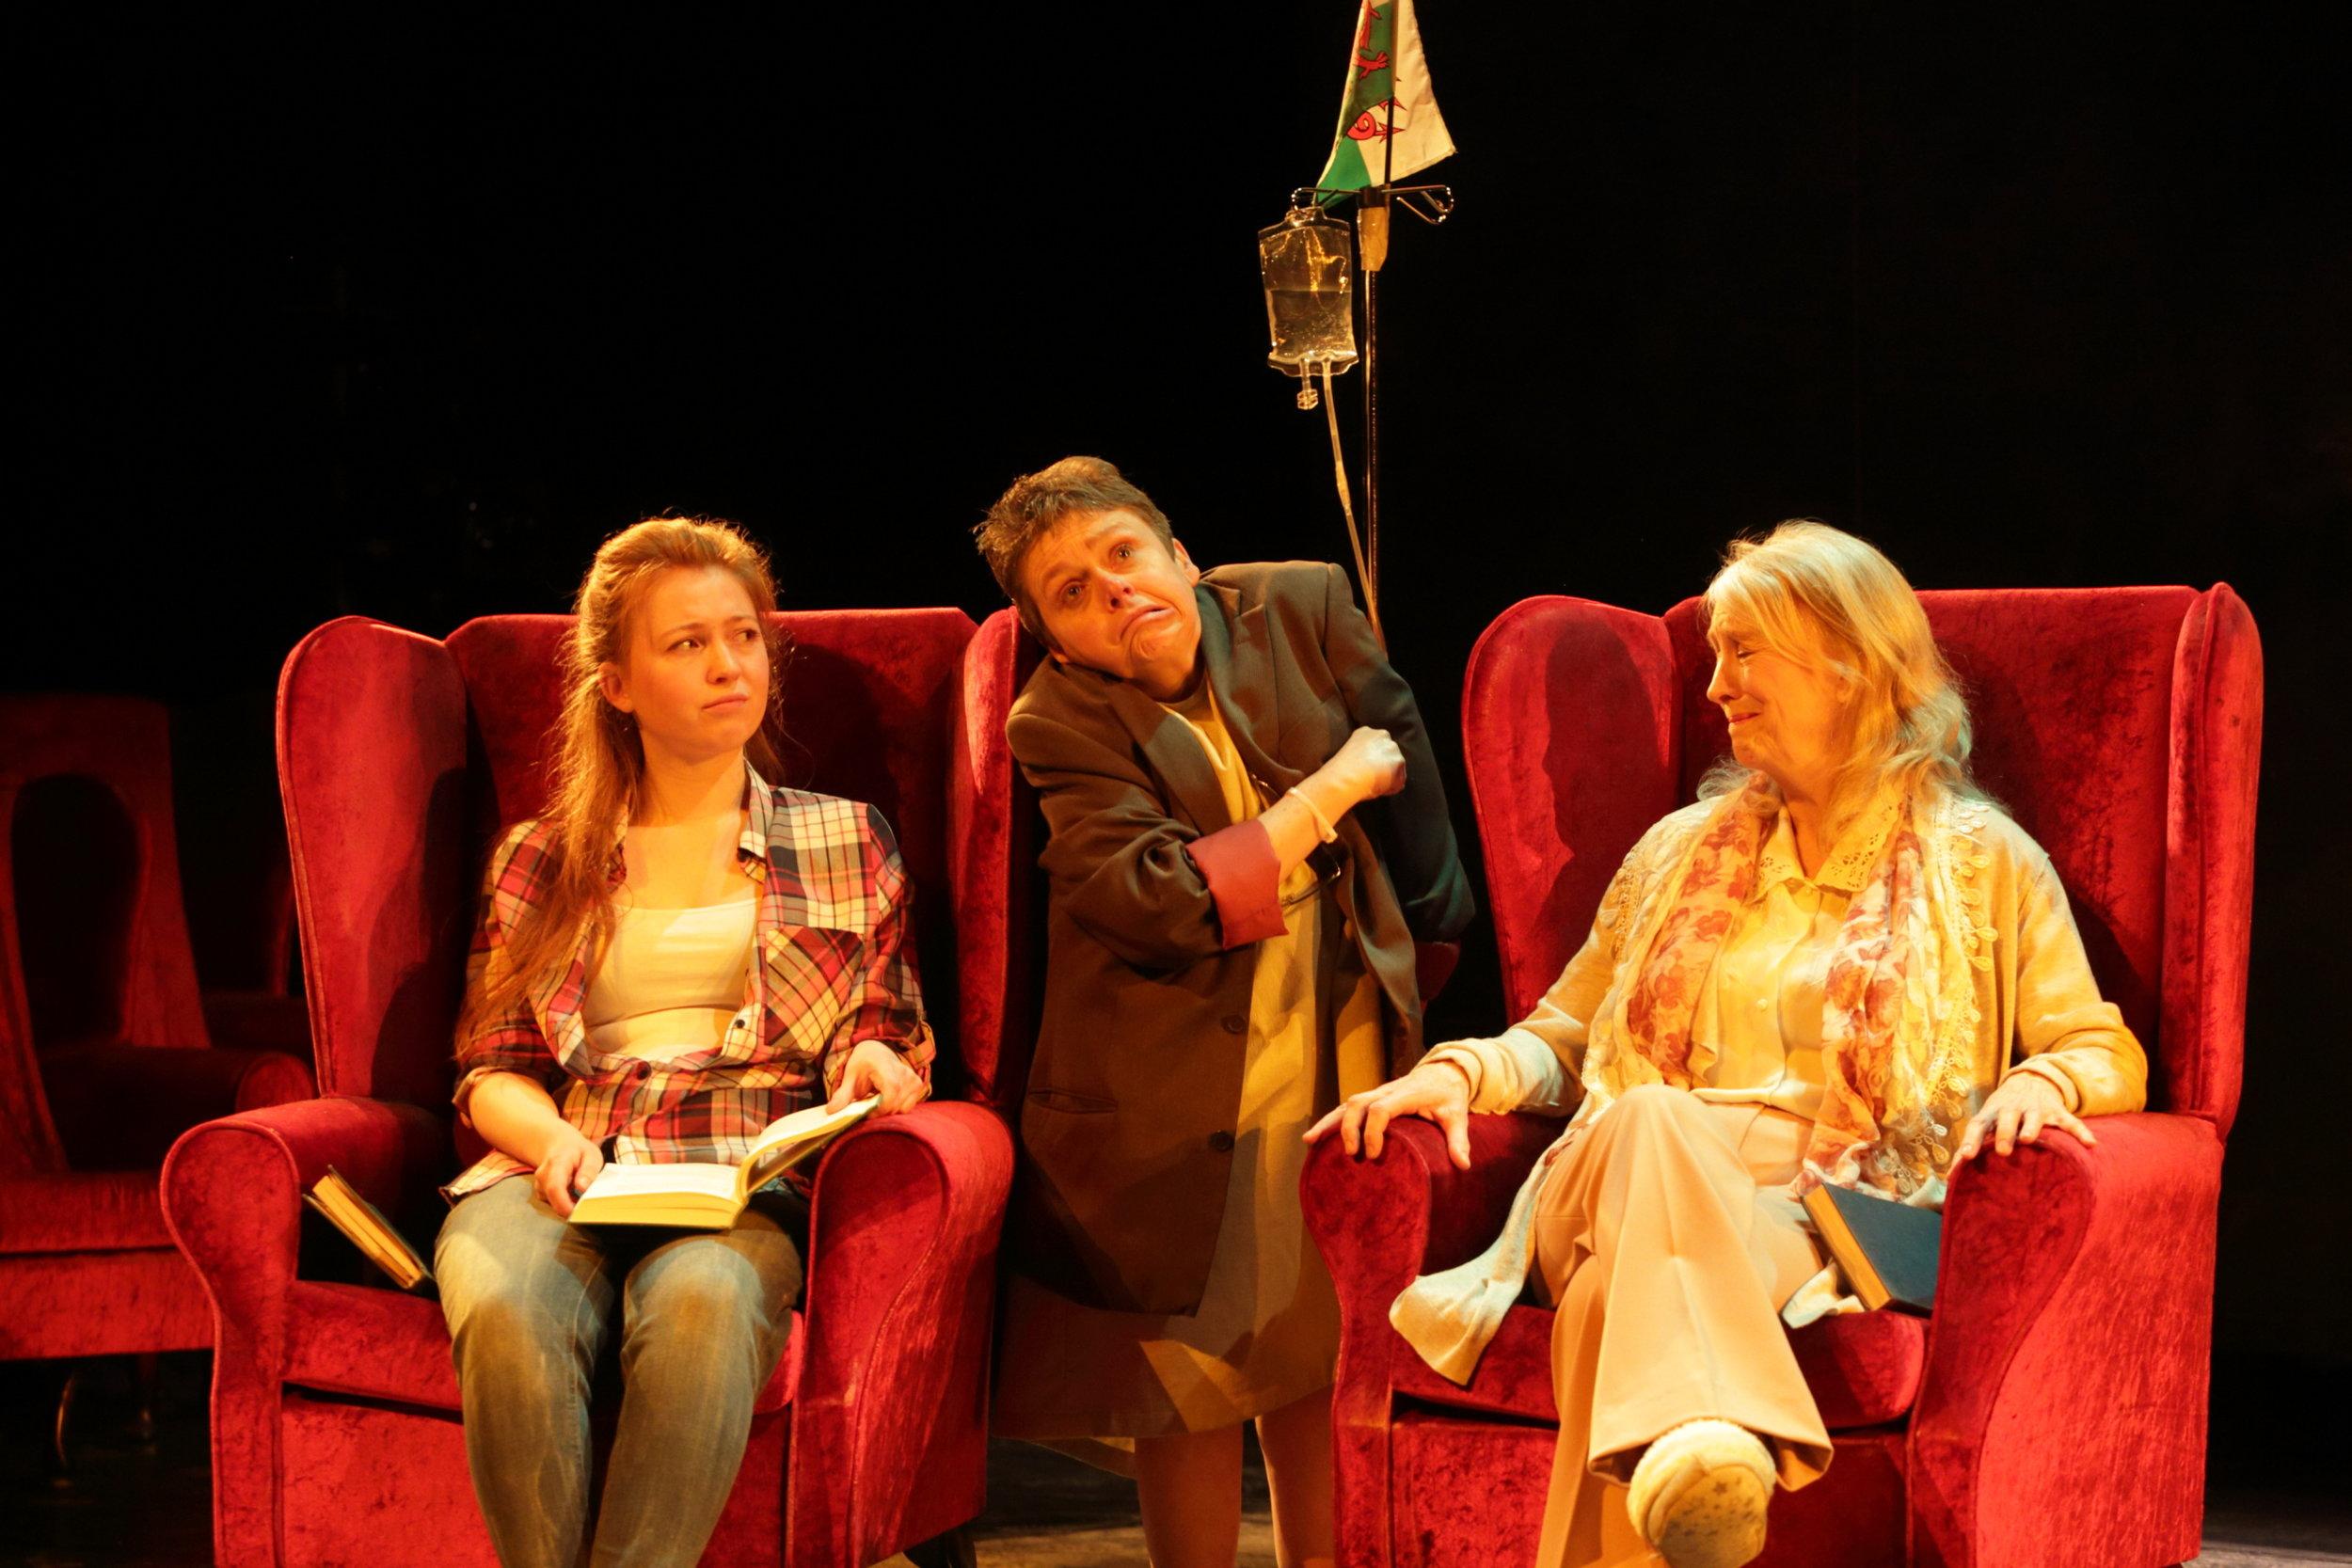 Isabella, Maureen, and Rose.